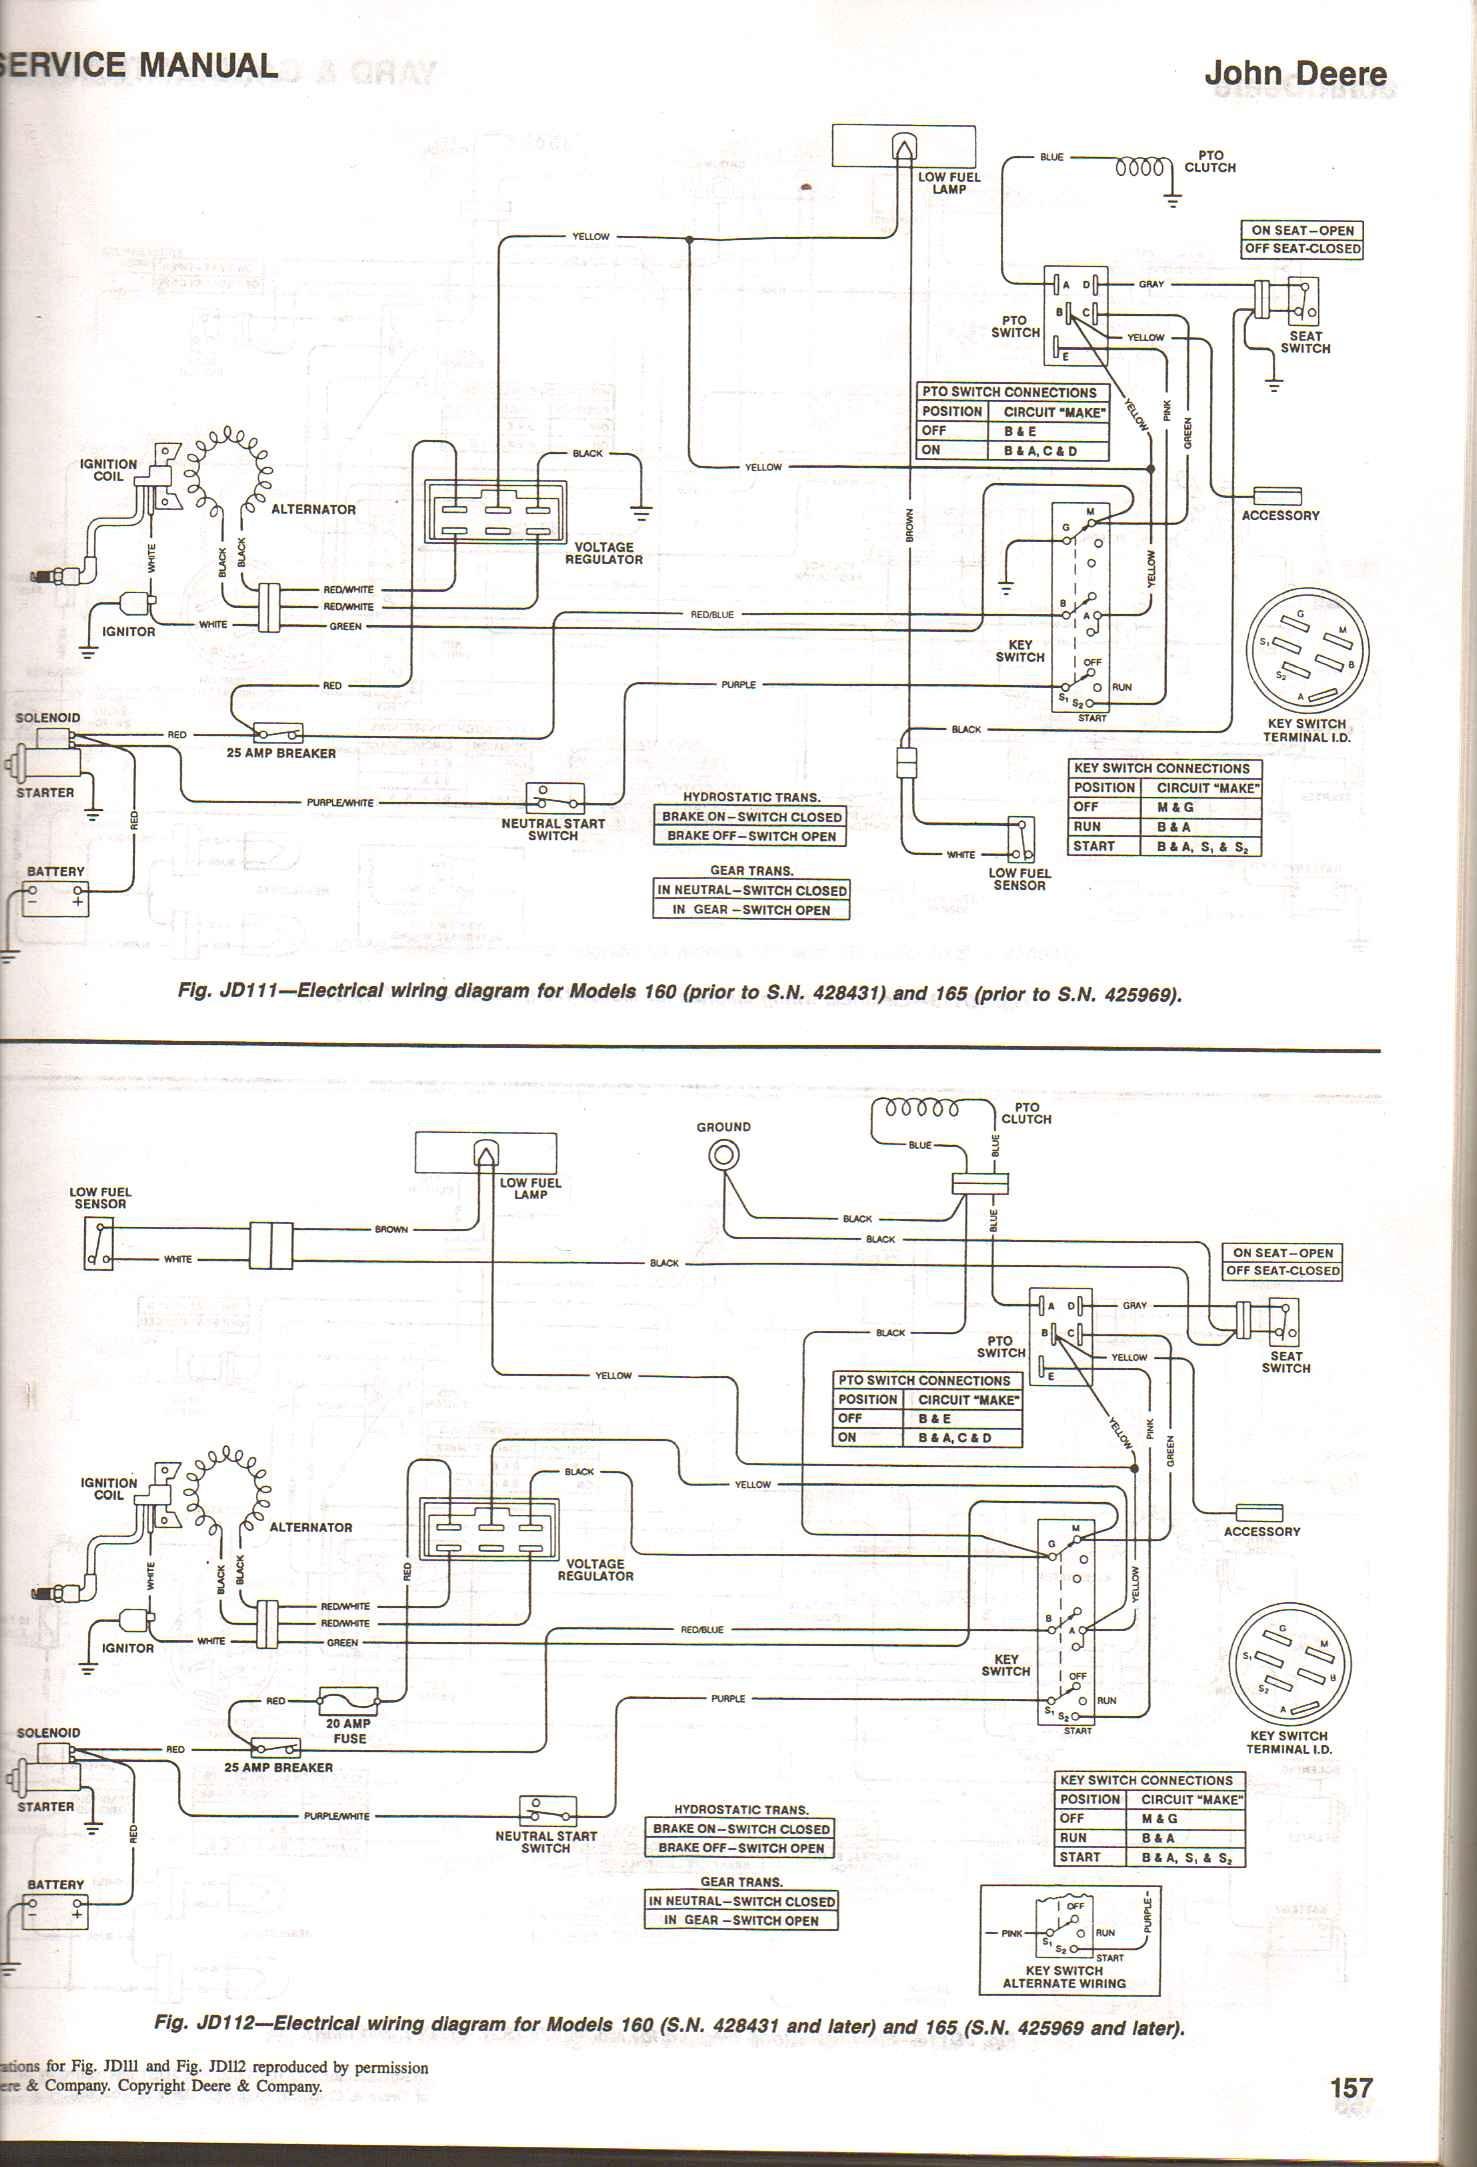 John Deere 345 Dash Wiring Diagram Rk 2830] John Deere Tractor Wiring Schematics Schematic Wiring Of John Deere 345 Dash Wiring Diagram